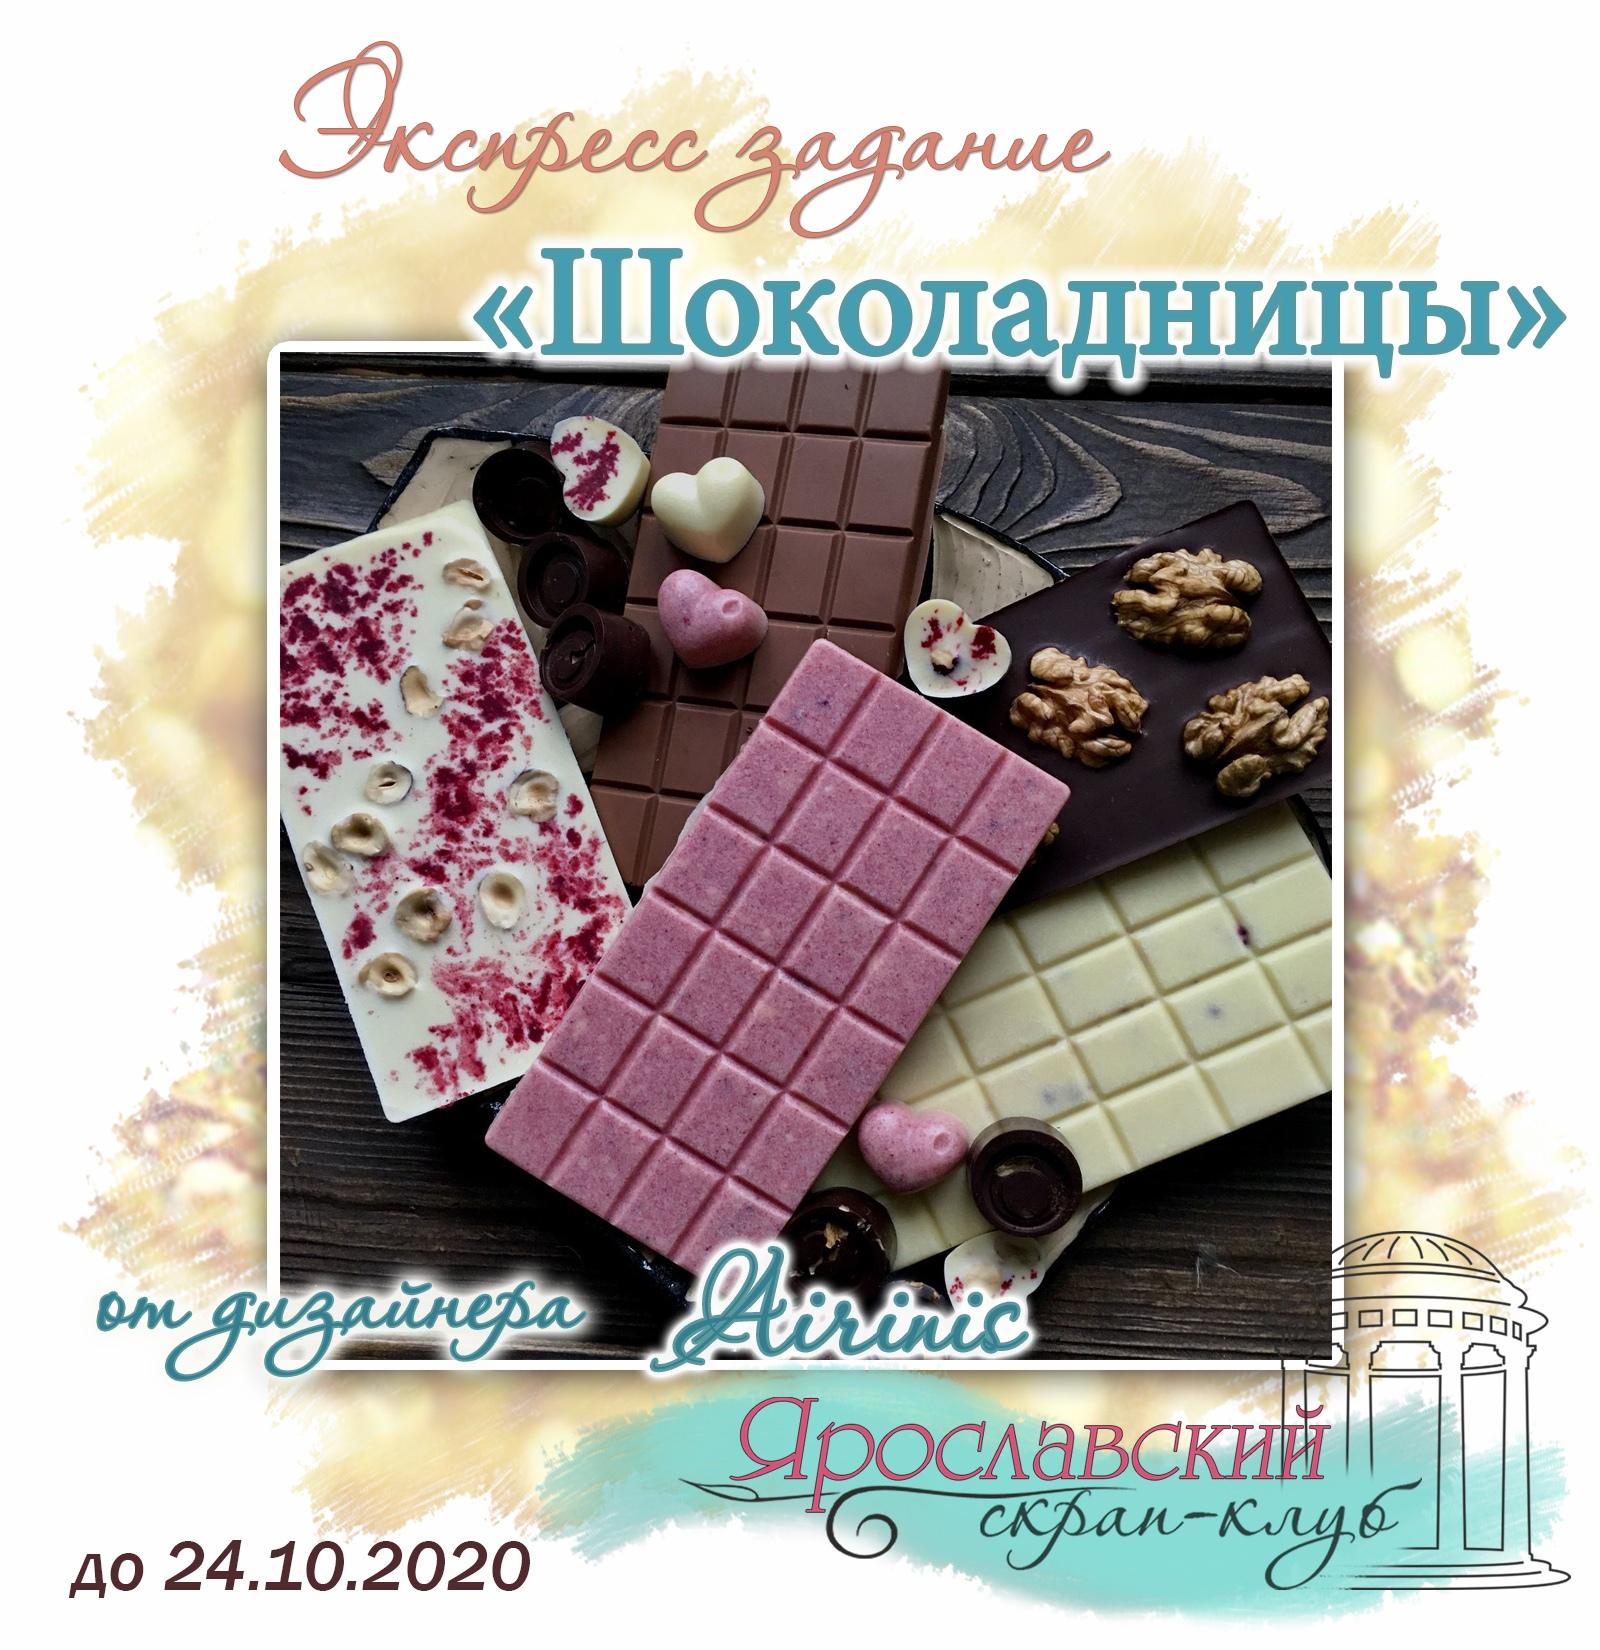 """Экспресс-задание """"Шоколадницы"""" до 24.10.2020"""